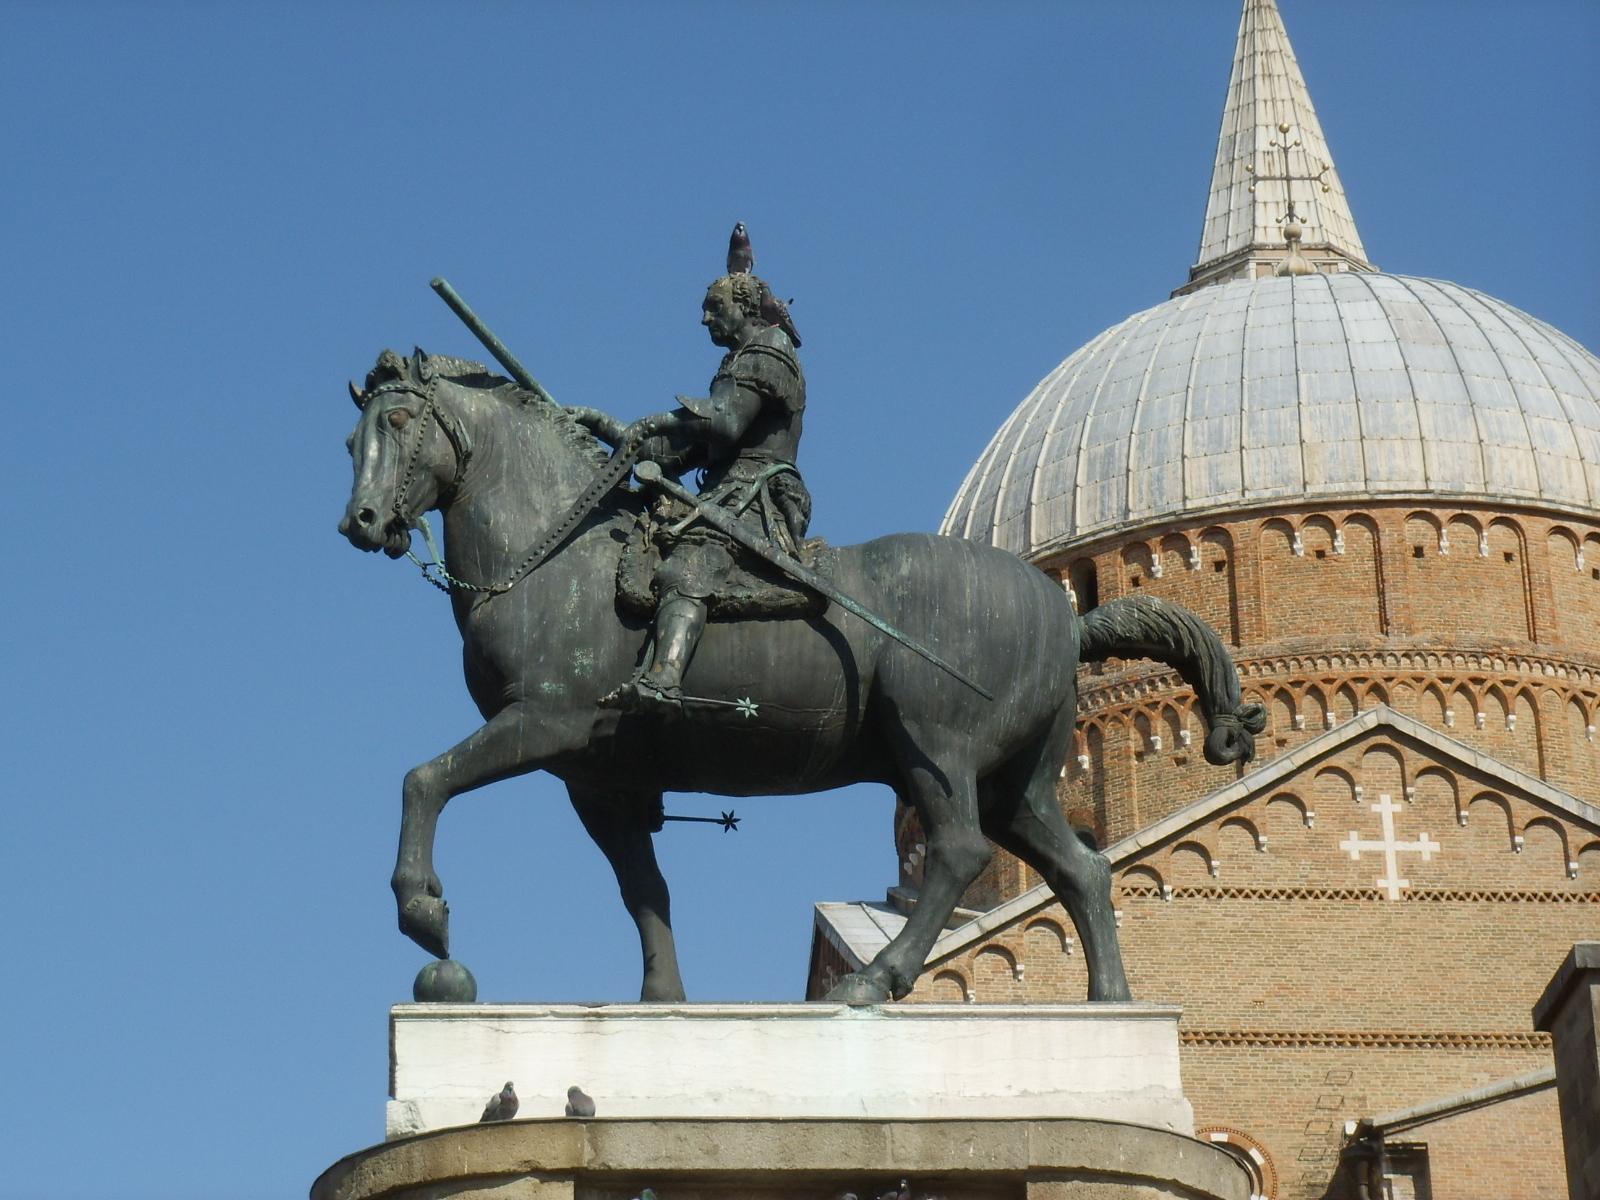 Descrizione Donatello  Monumento equestre al Gattamelata 03 JPGDonatello Equestrian Statue Of Gattamelata